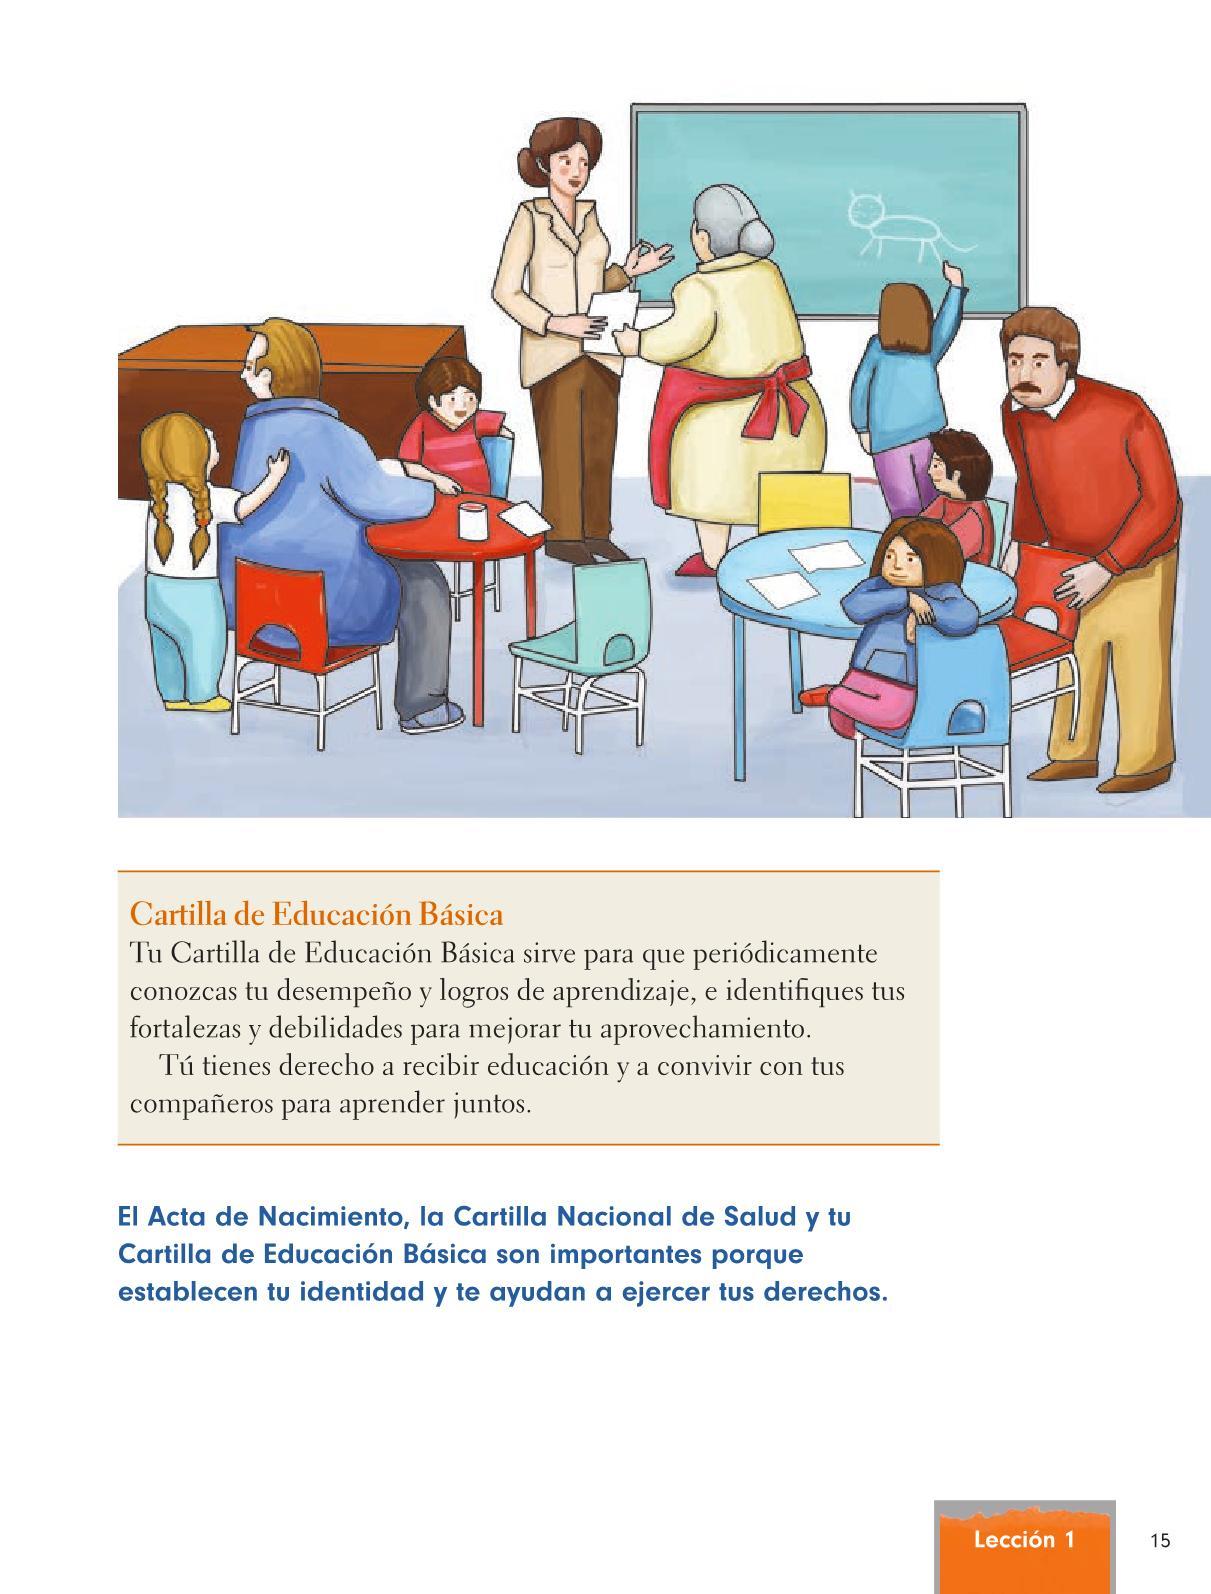 Formación Cívica y Ética Primer grado página 15